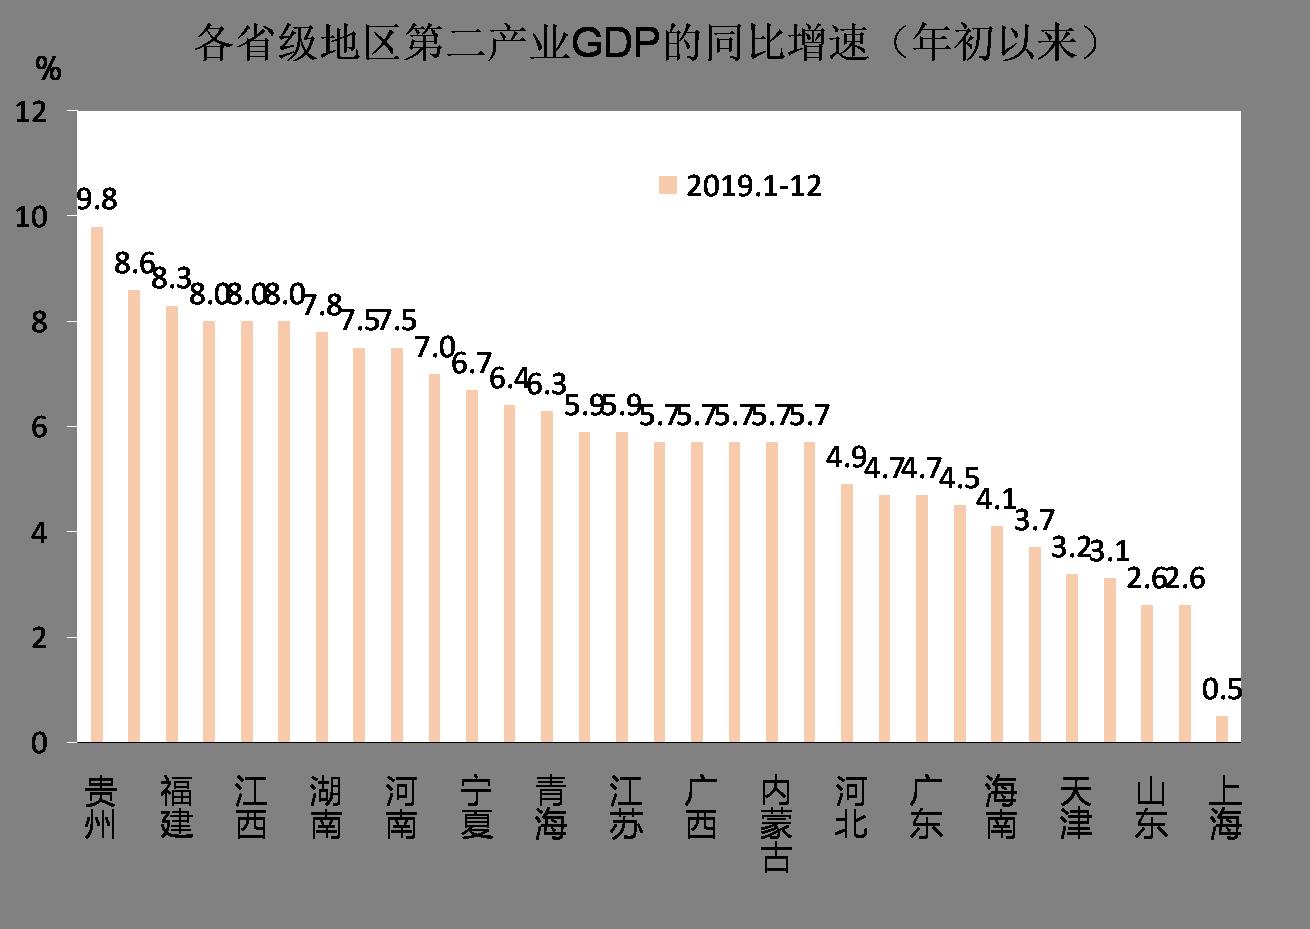 宏观经济分析的总量分析_武汉宏观区位分析图(2)